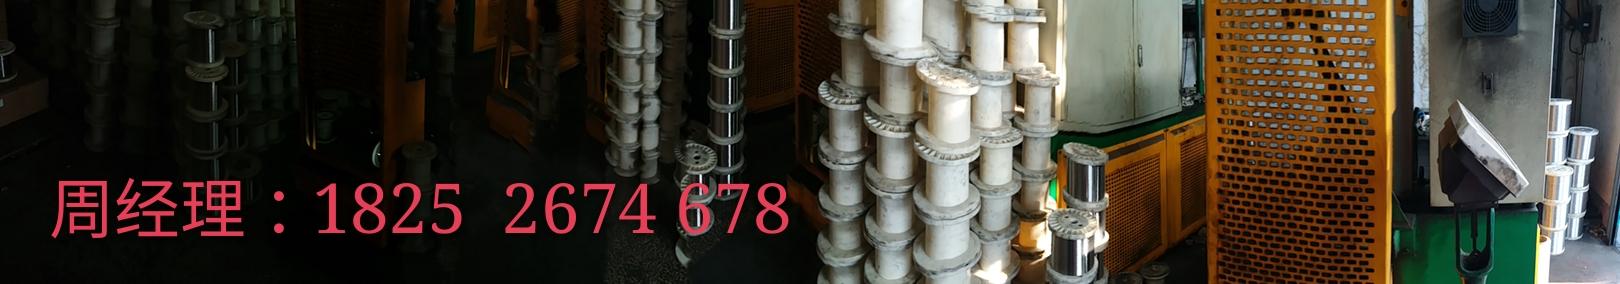 304不锈钢微丝